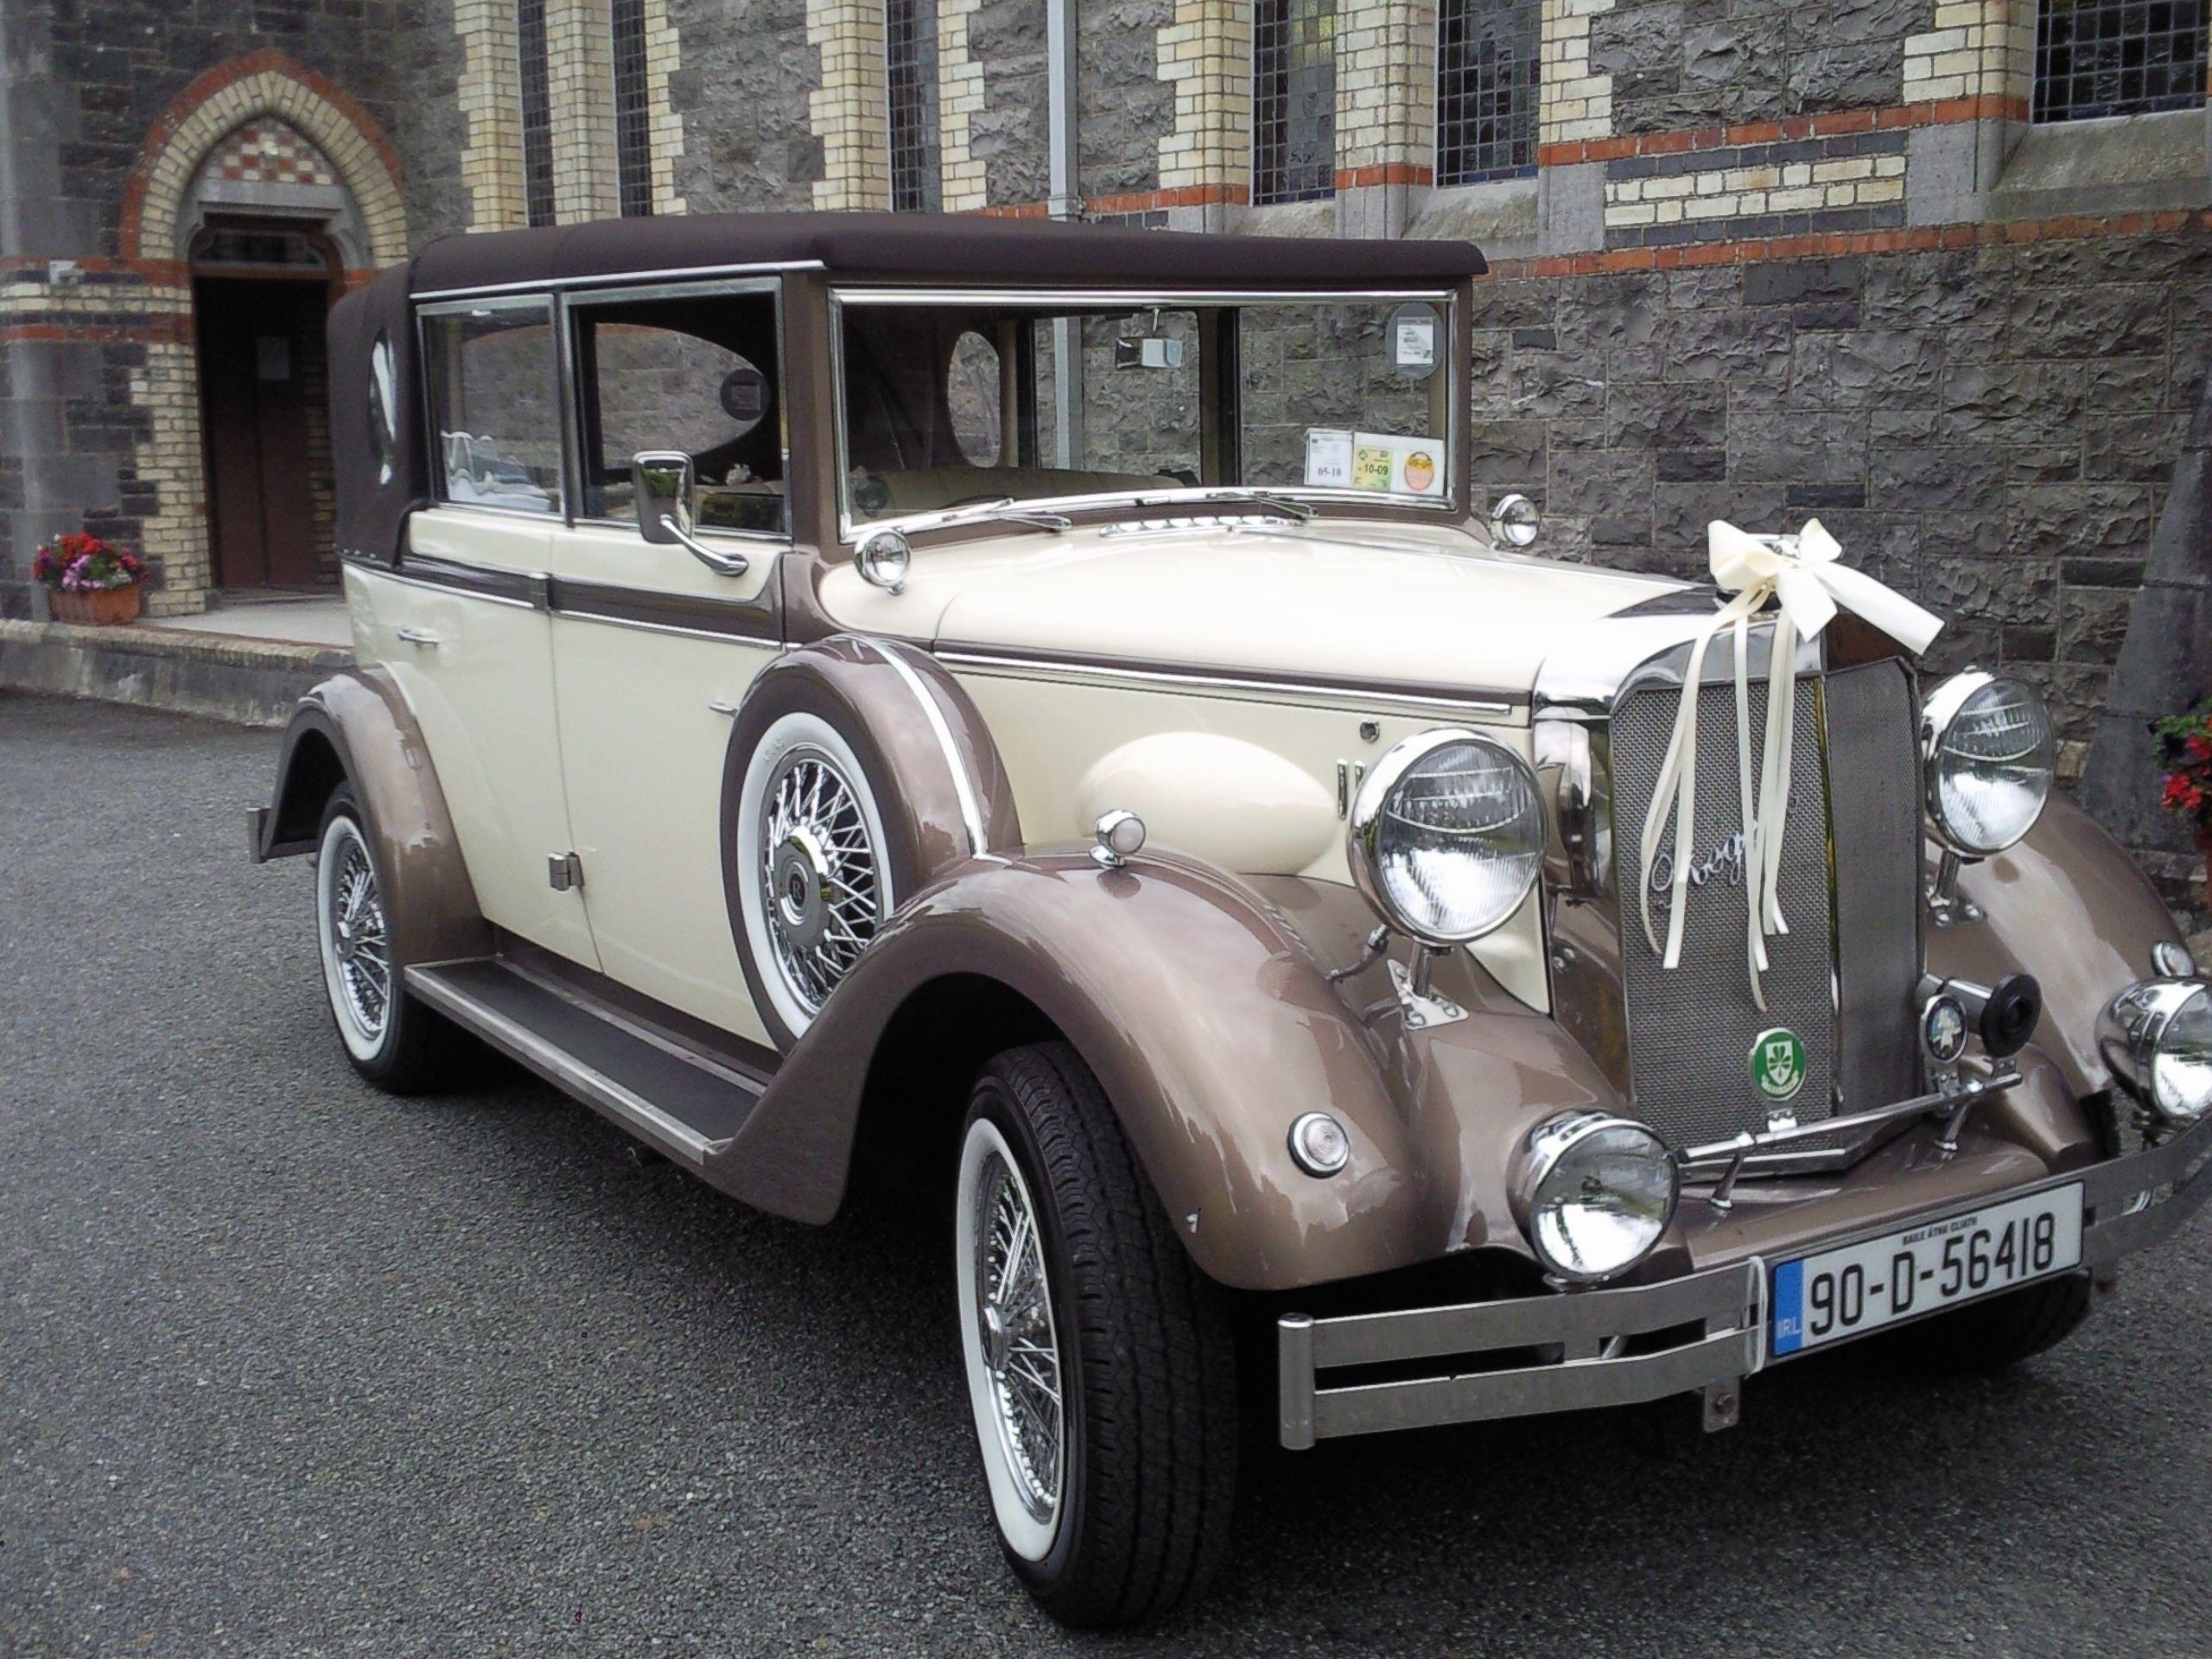 Vintage Wedding Cars Dublin Limos Meath Louth Kildare Car Hire Wedding Car Hire Wedding Car